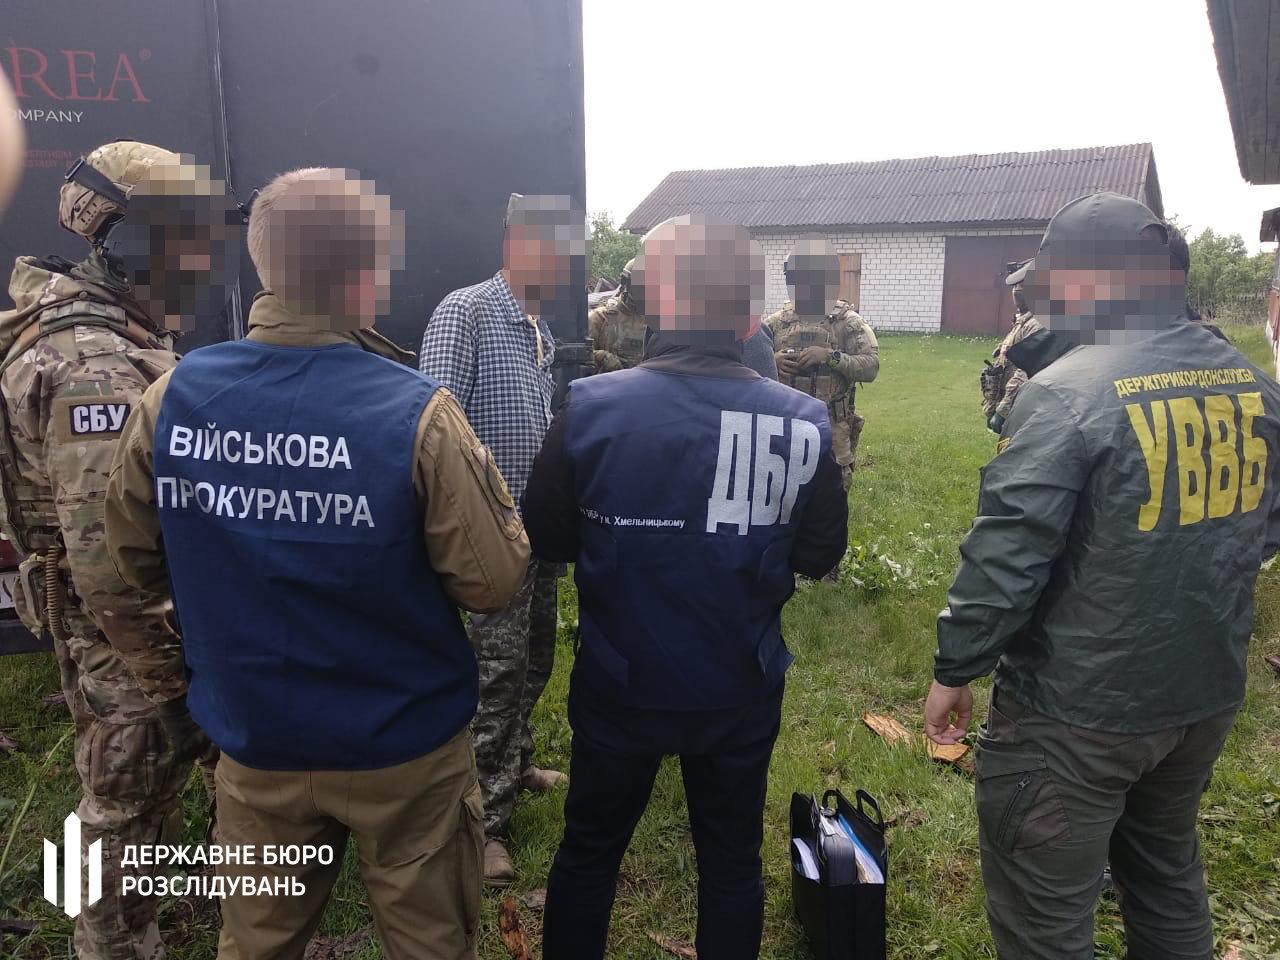 Хабар та незаконна вирубка і збут деревини – хмельницькі правоохоронці затримали прикордонника, фото-4